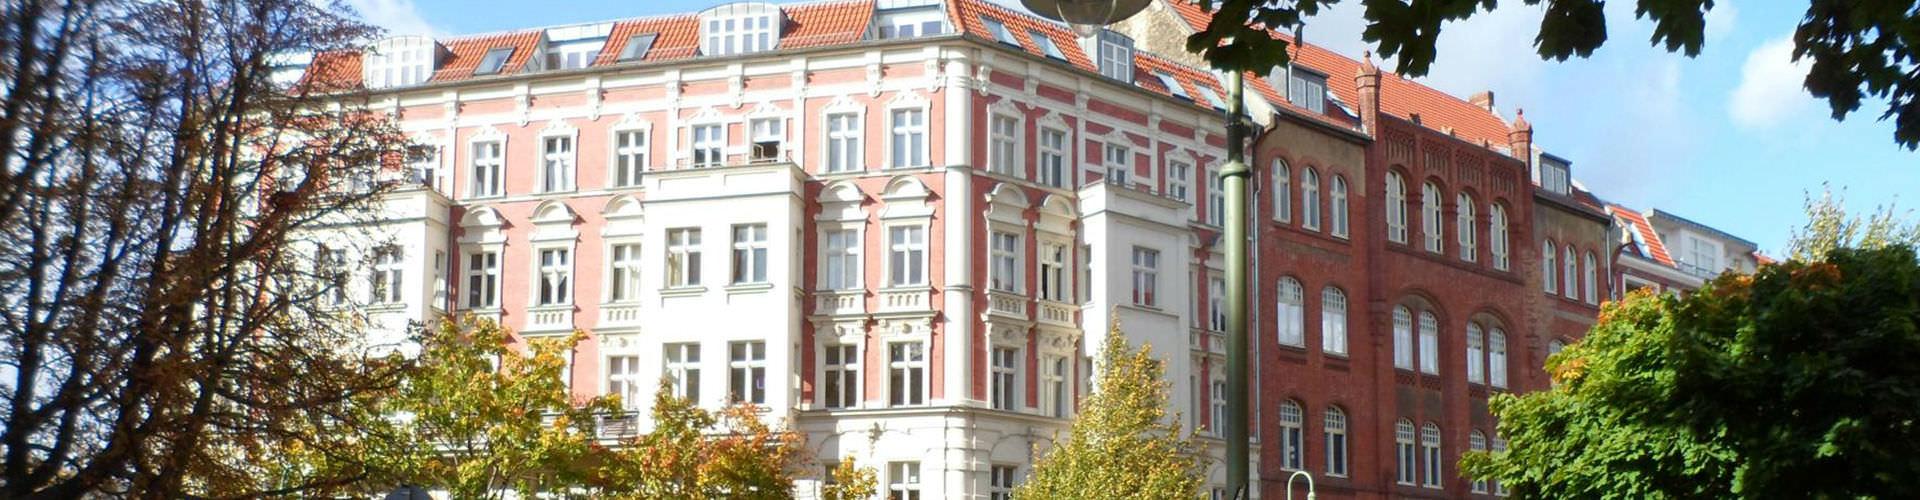 Berlín - Albergues Juveniles en el distrito Prenzlauer Berg . Mapas de Berlín, Fotos y Comentarios para cada Albergue Juvenil en Berlín.